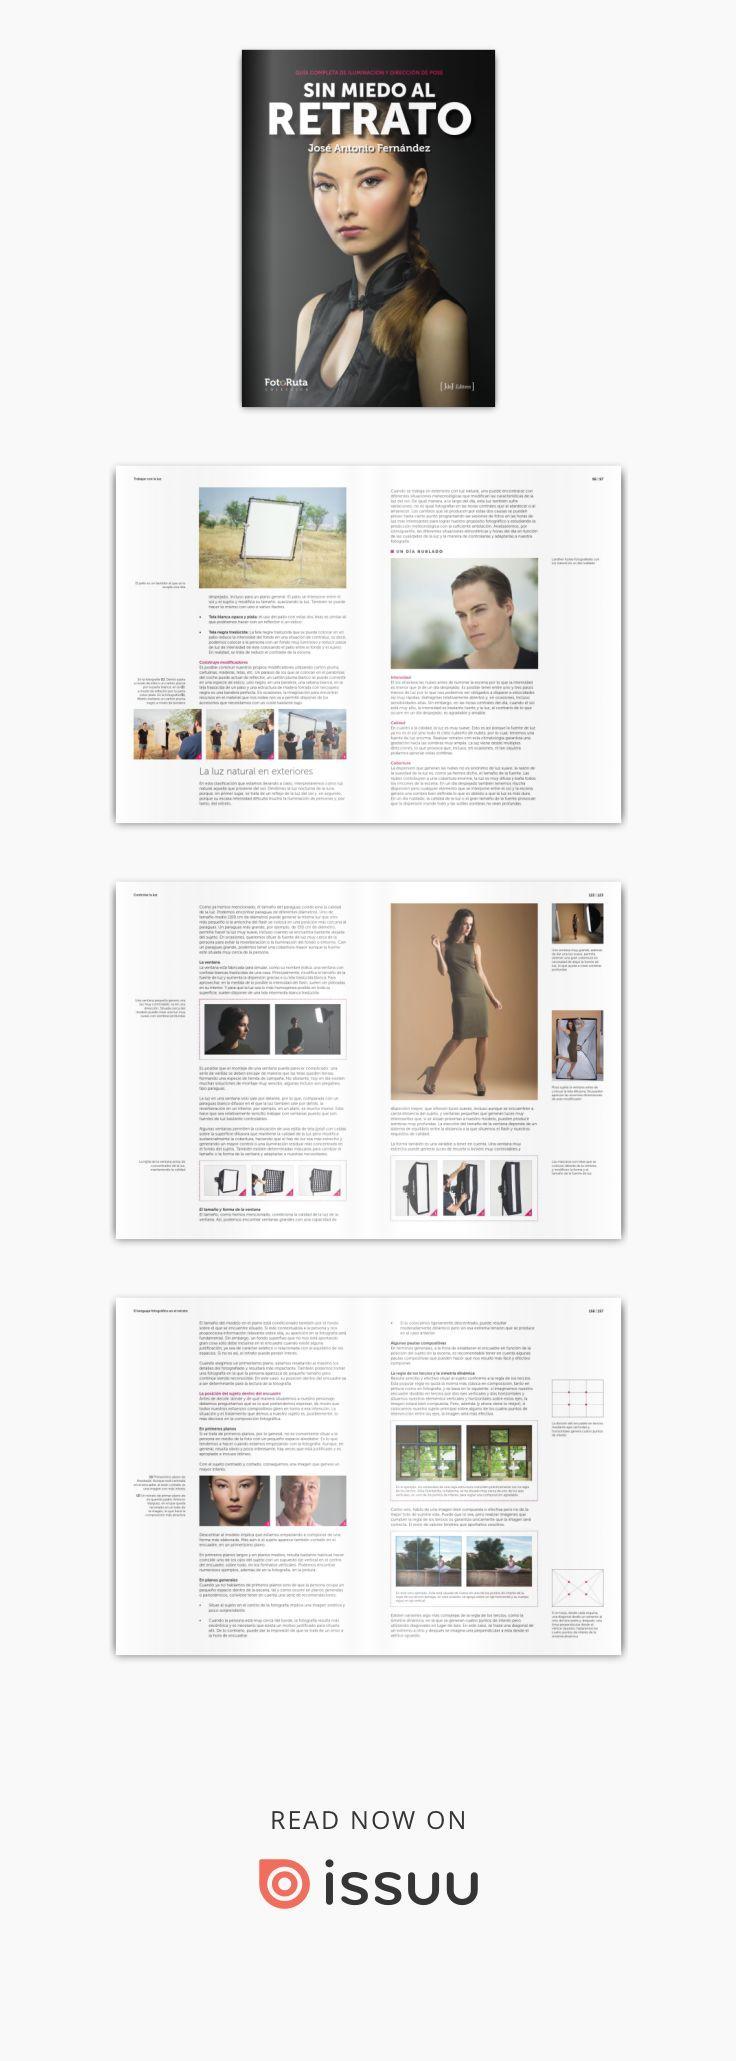 """José Antonio Fernández, autor del exitoso libro """"Sin miedo al flash"""", ya en su 6ª edición, nos ofrece ahora una obra que aborda en profundidad los aspectos fundamentales del retrato, como son la iluminación y la pose. esta completa guía muestra también, con numerosos ejemplos, los ángulos de toma y los diferentes planos fotográficos, así como la composición en el arte de la fotografía de personas. Se incluyen además una gran variedad de sesiones fotográficas comentadas con esquemas..."""